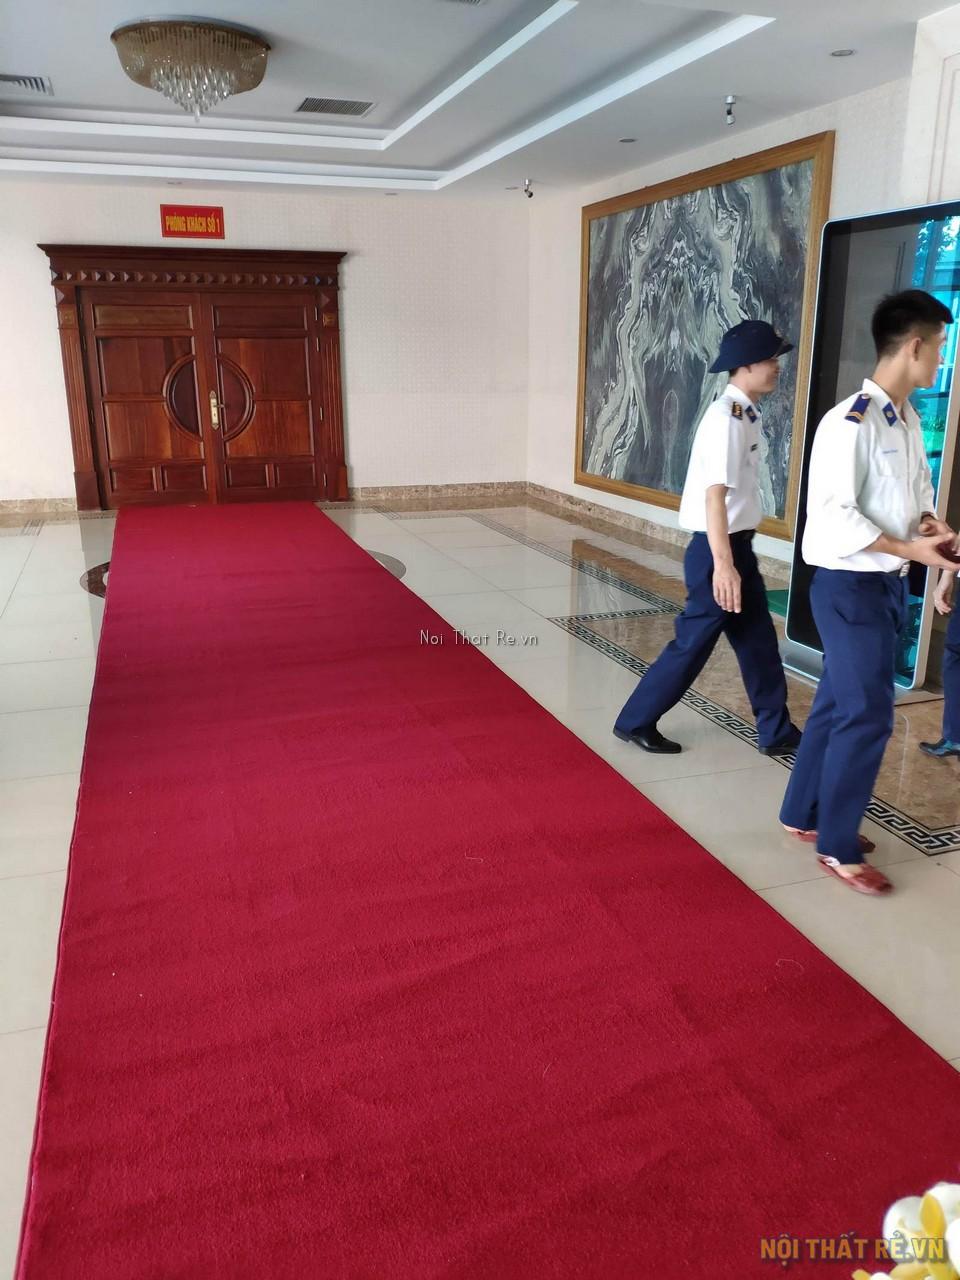 Thảm đỏ đường dẫn vào phòng hội trường